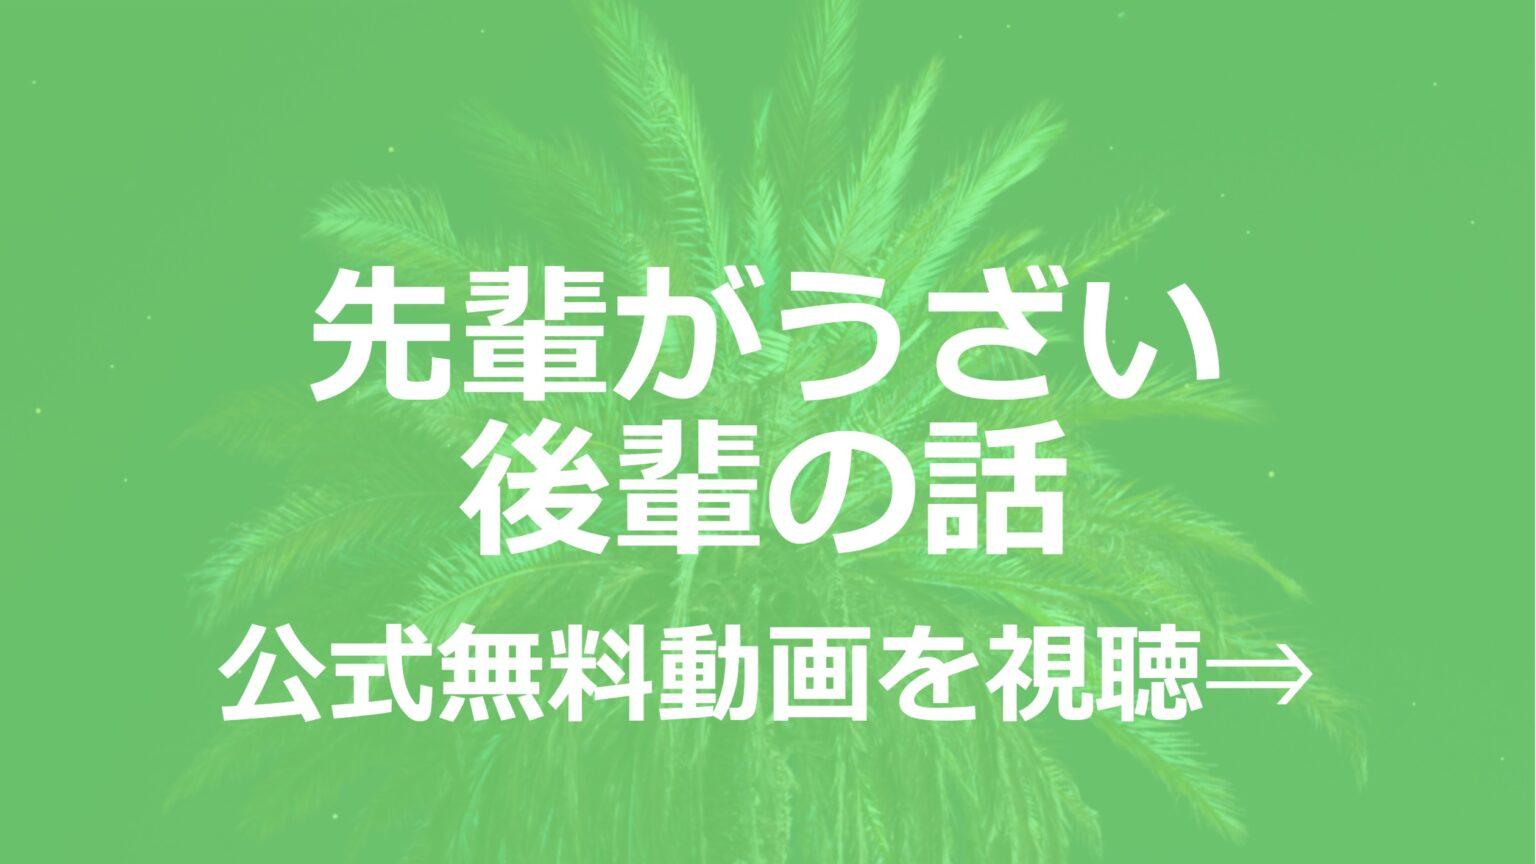 アニメ「先輩がうざい後輩の話」無料フル動画を1話~全話視聴できる公式配信サービスまとめ!